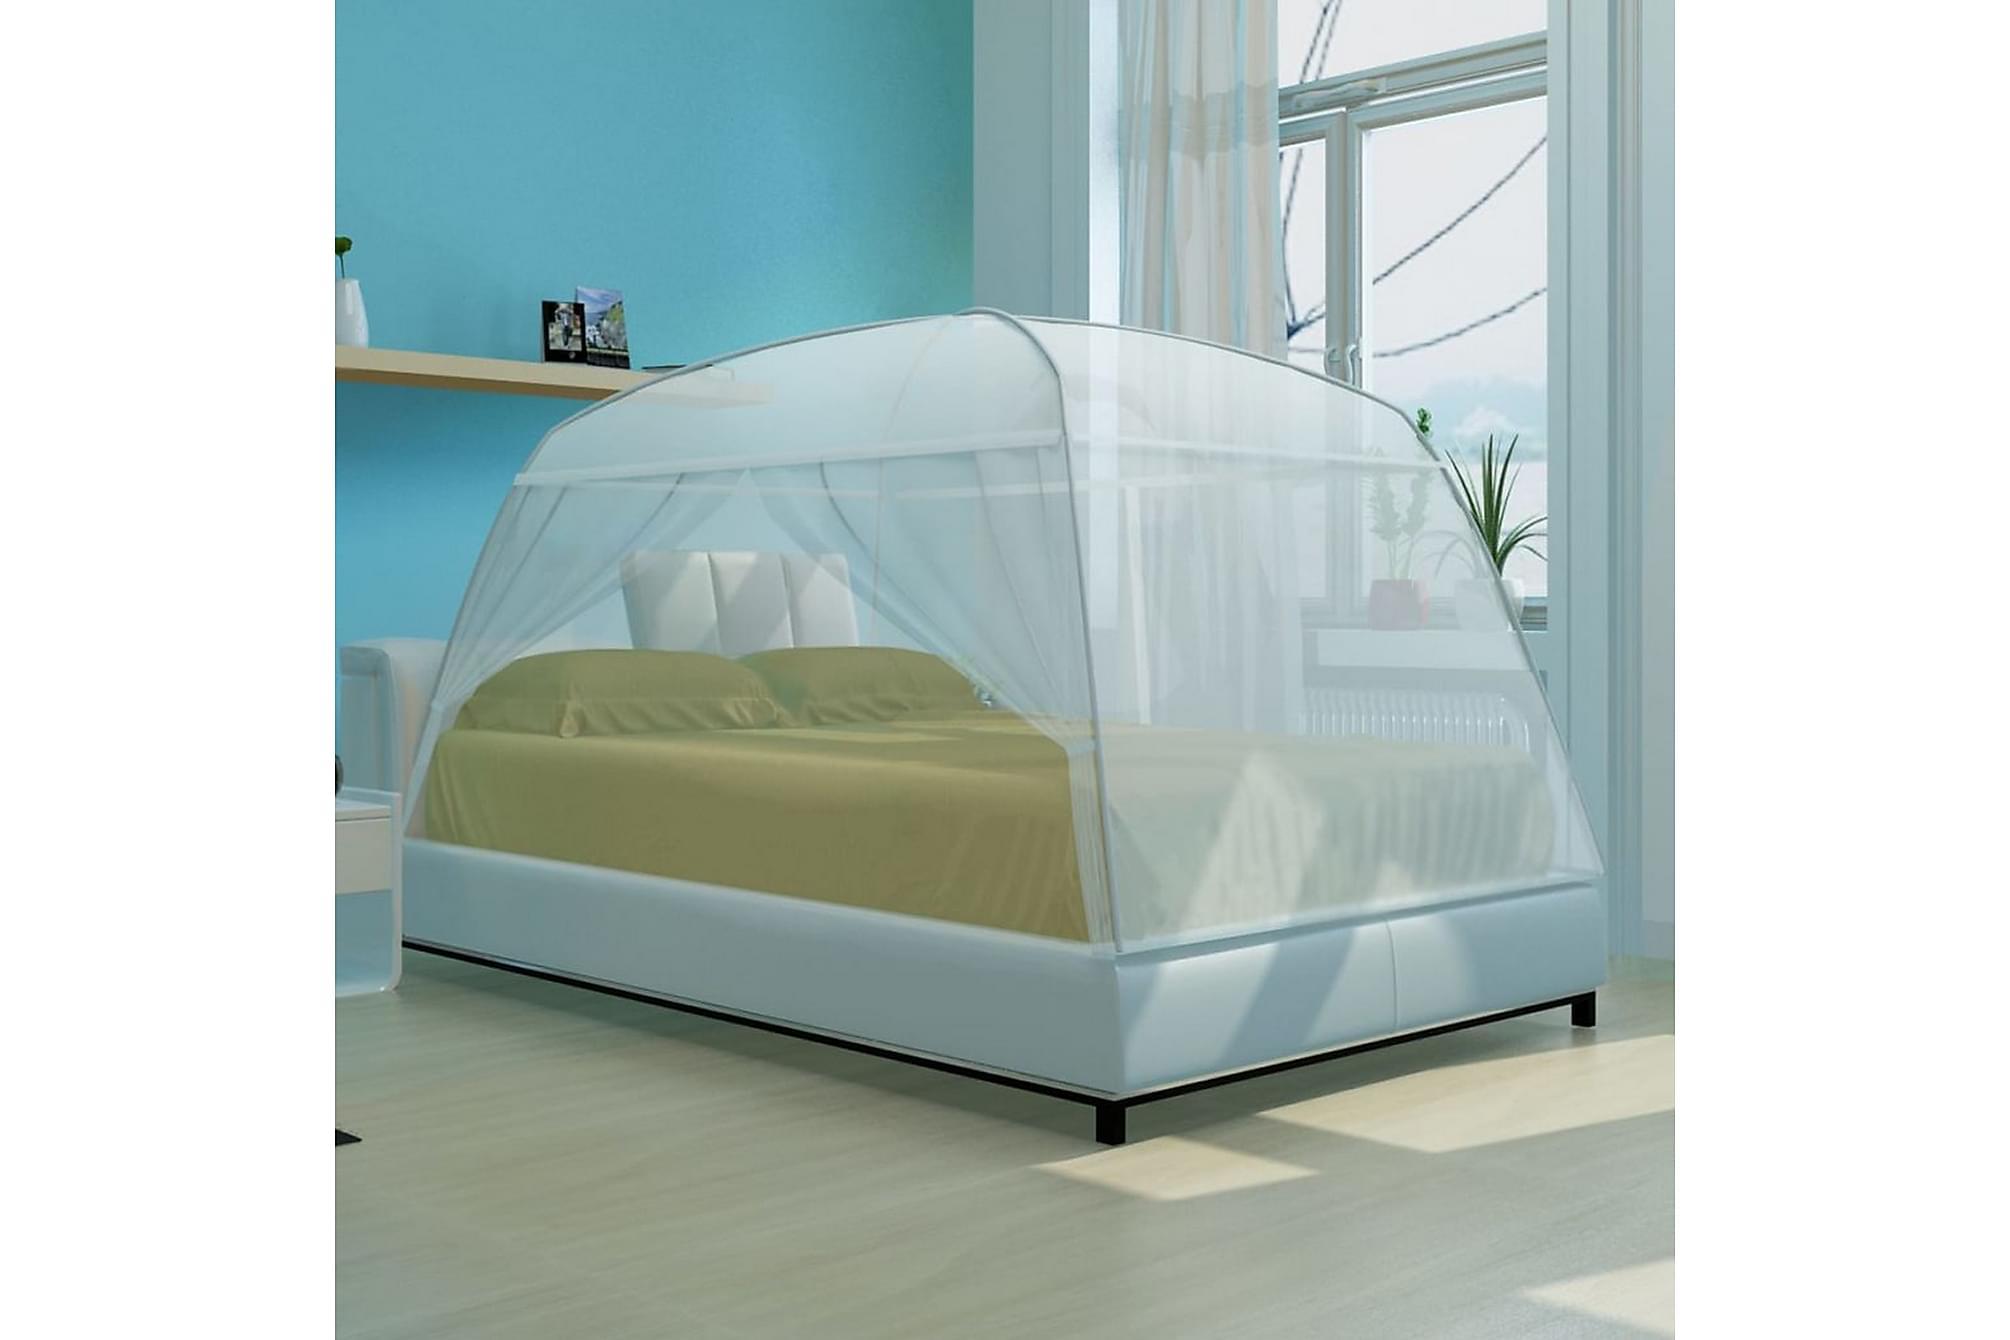 Myggnät säng 200x150x145 cm vit